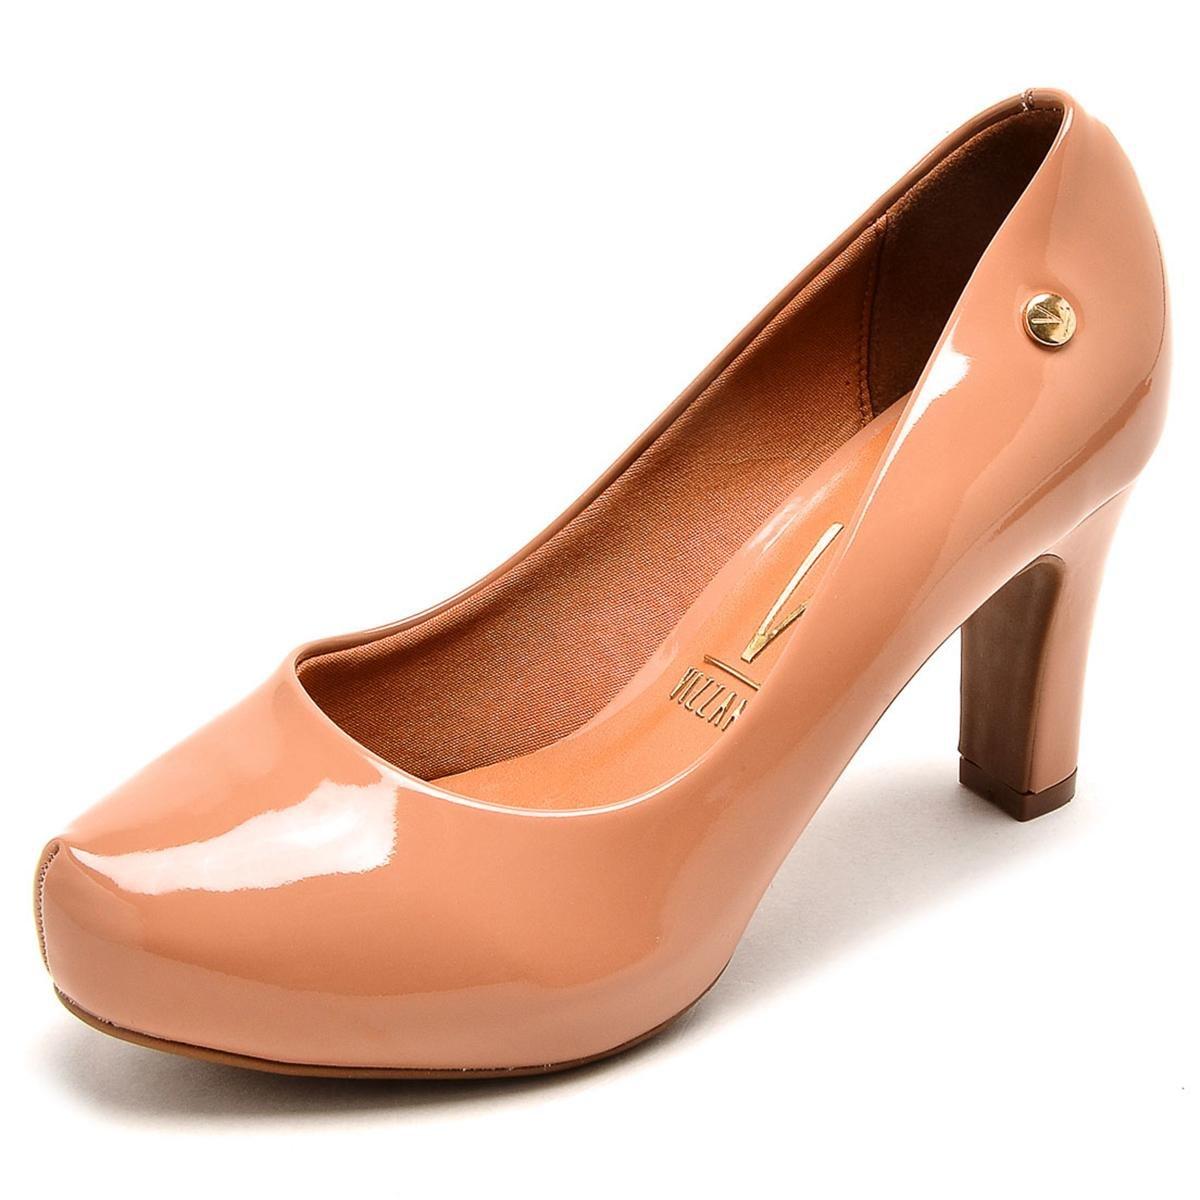 Bizz Store - Sapato Feminino Vizzano Salto Alto Verniz